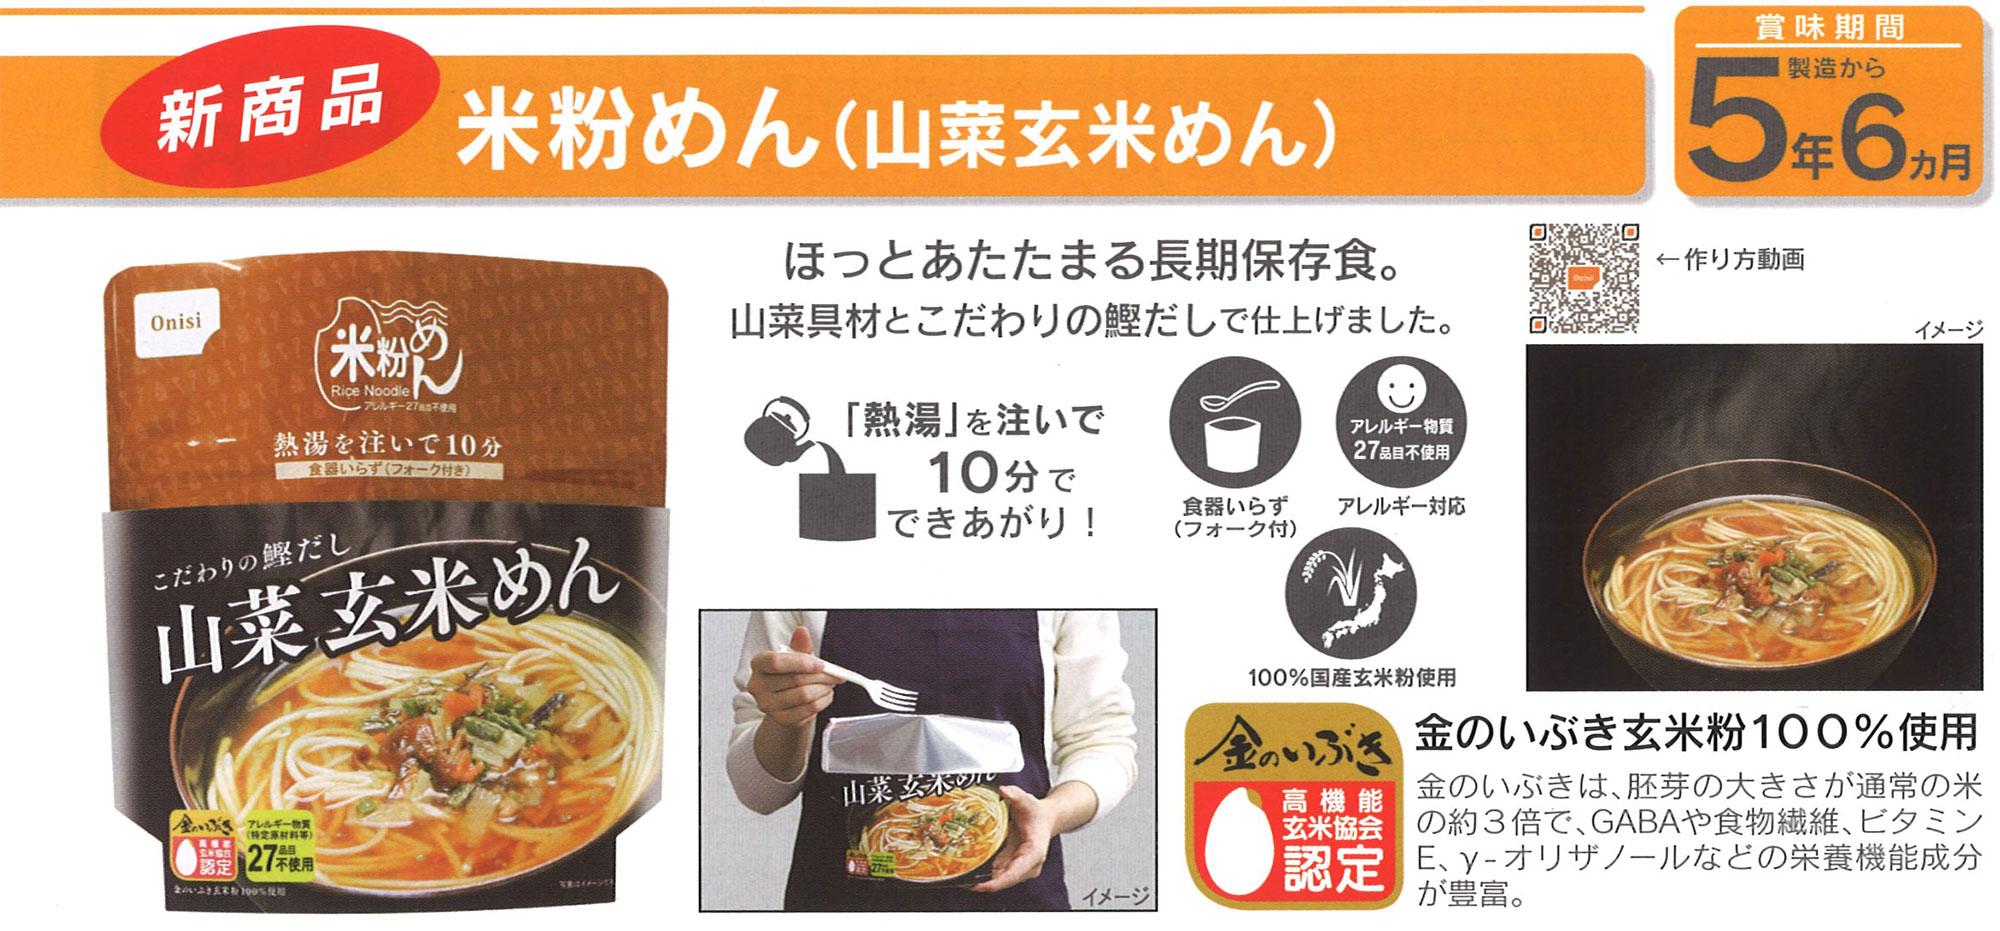 米粉めん(山菜玄米めん)